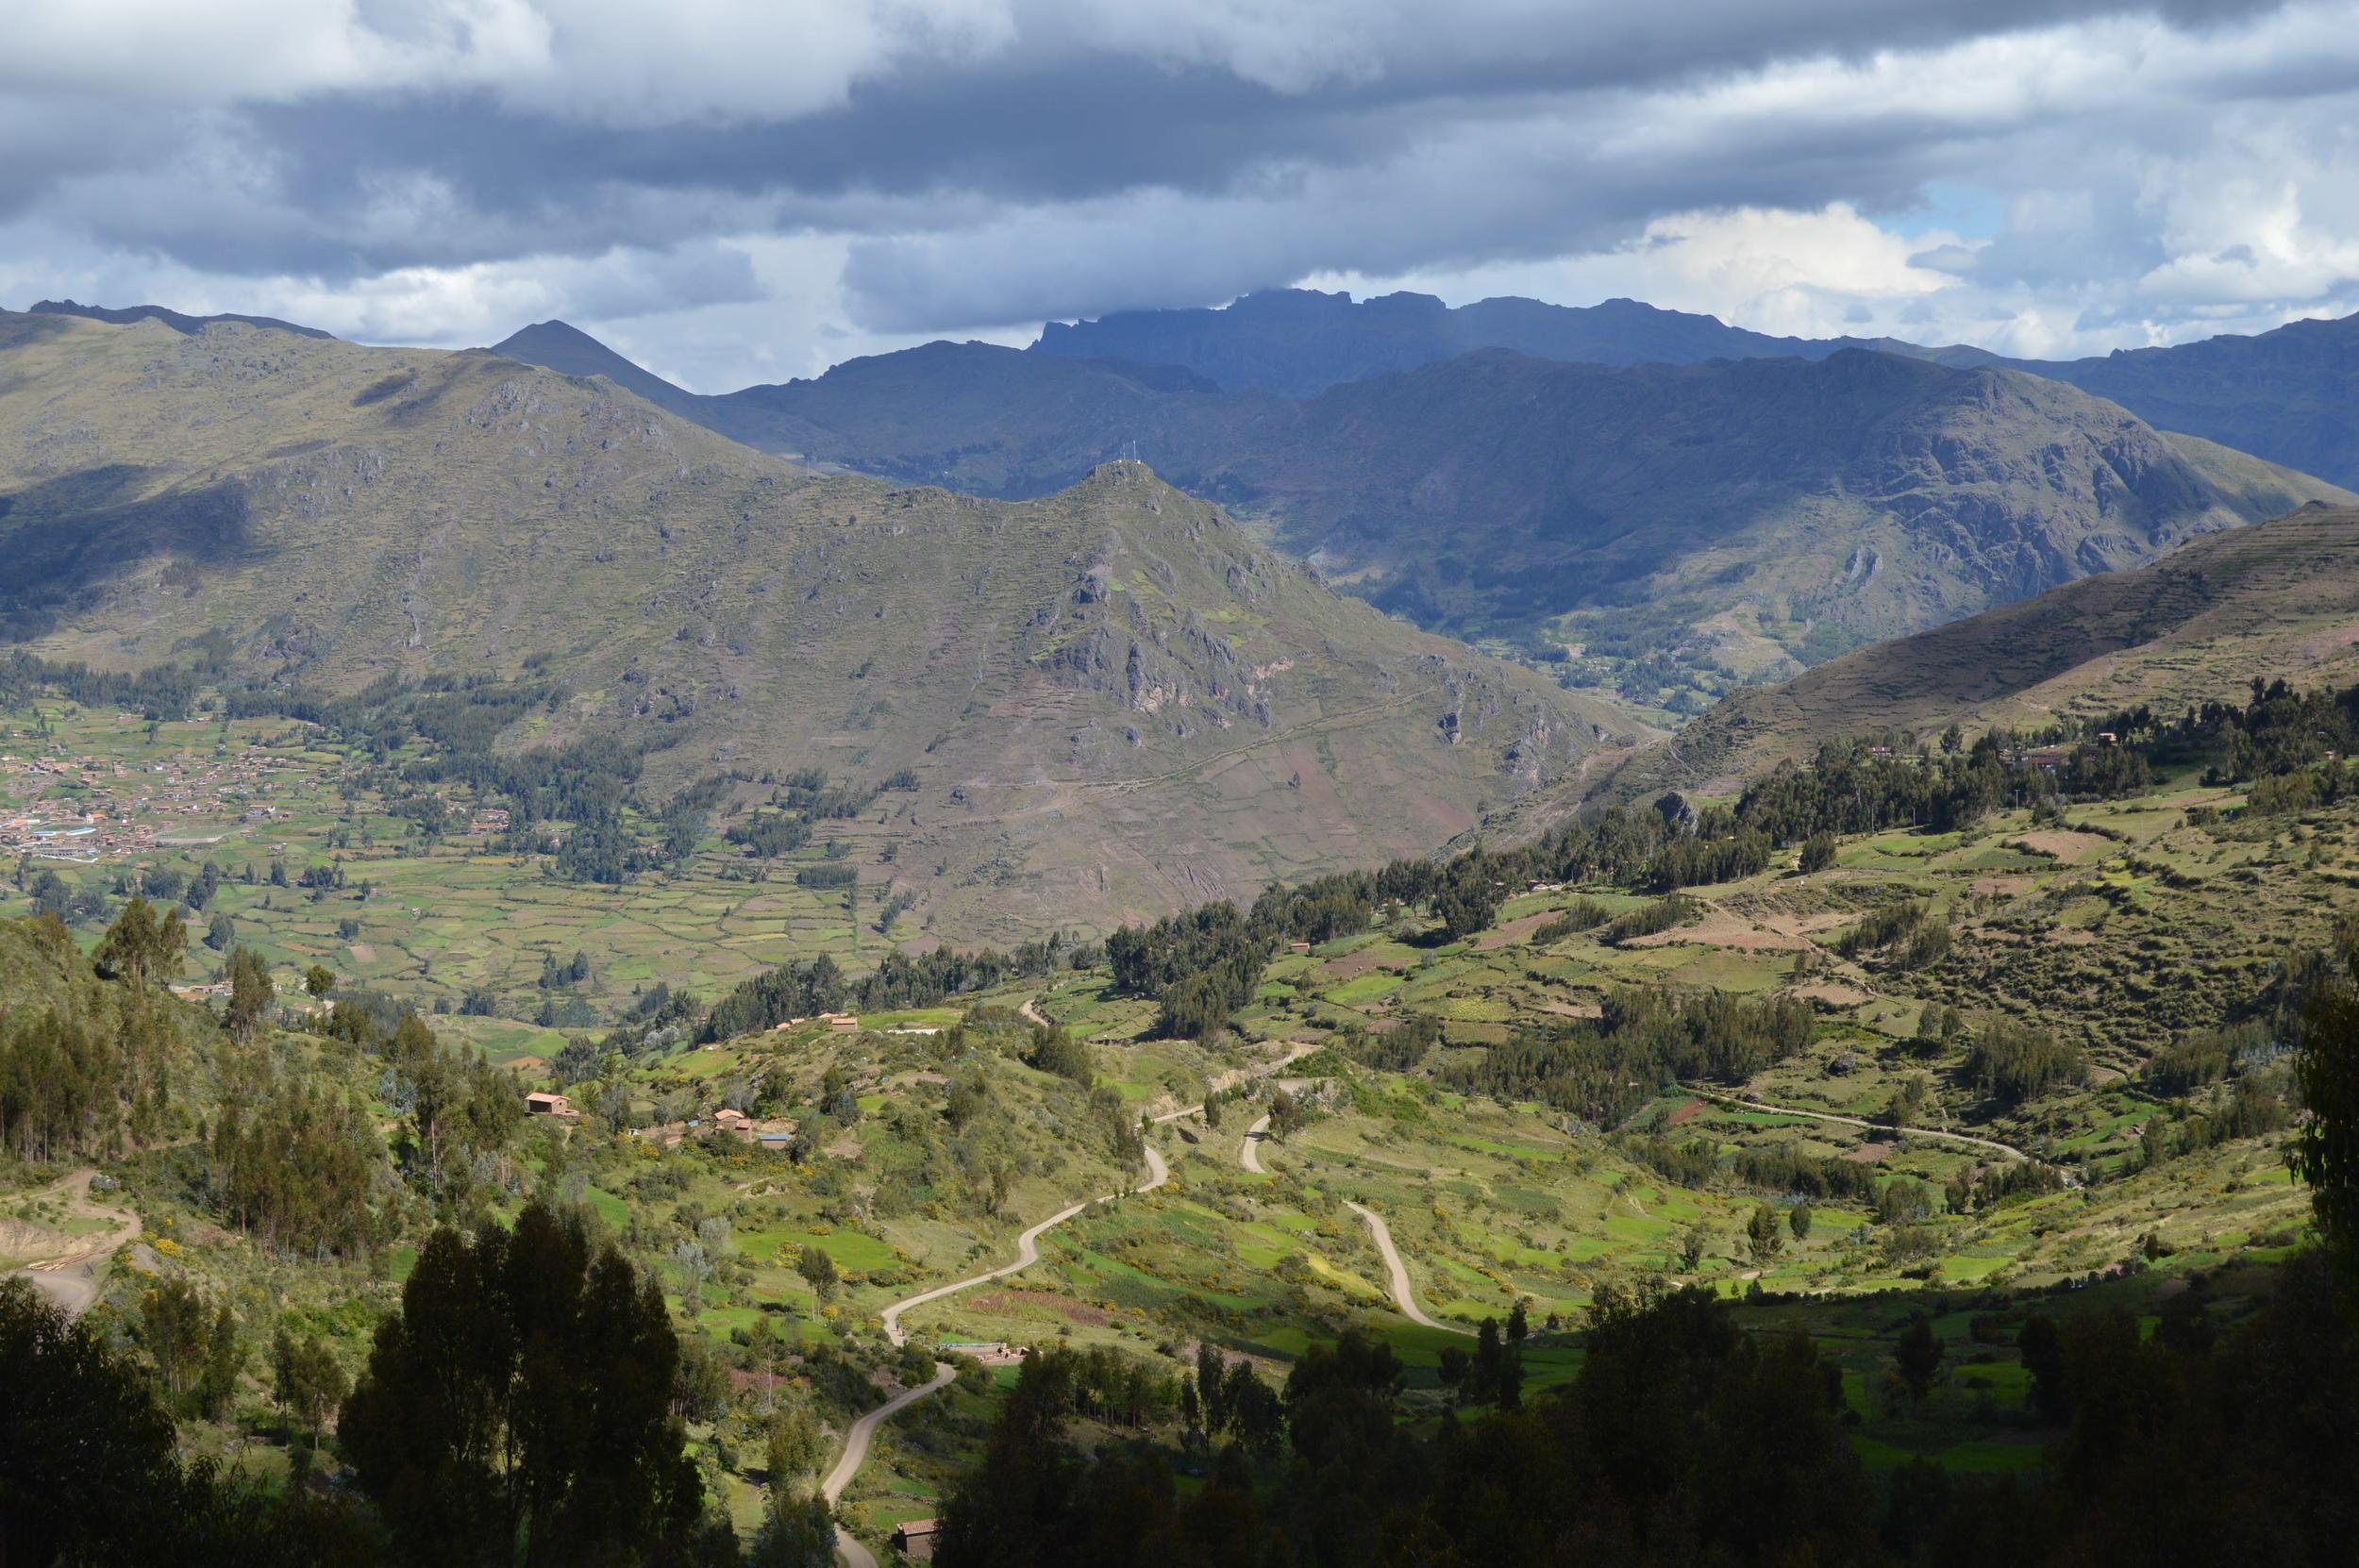 Amaru Community near Cusco, Peru